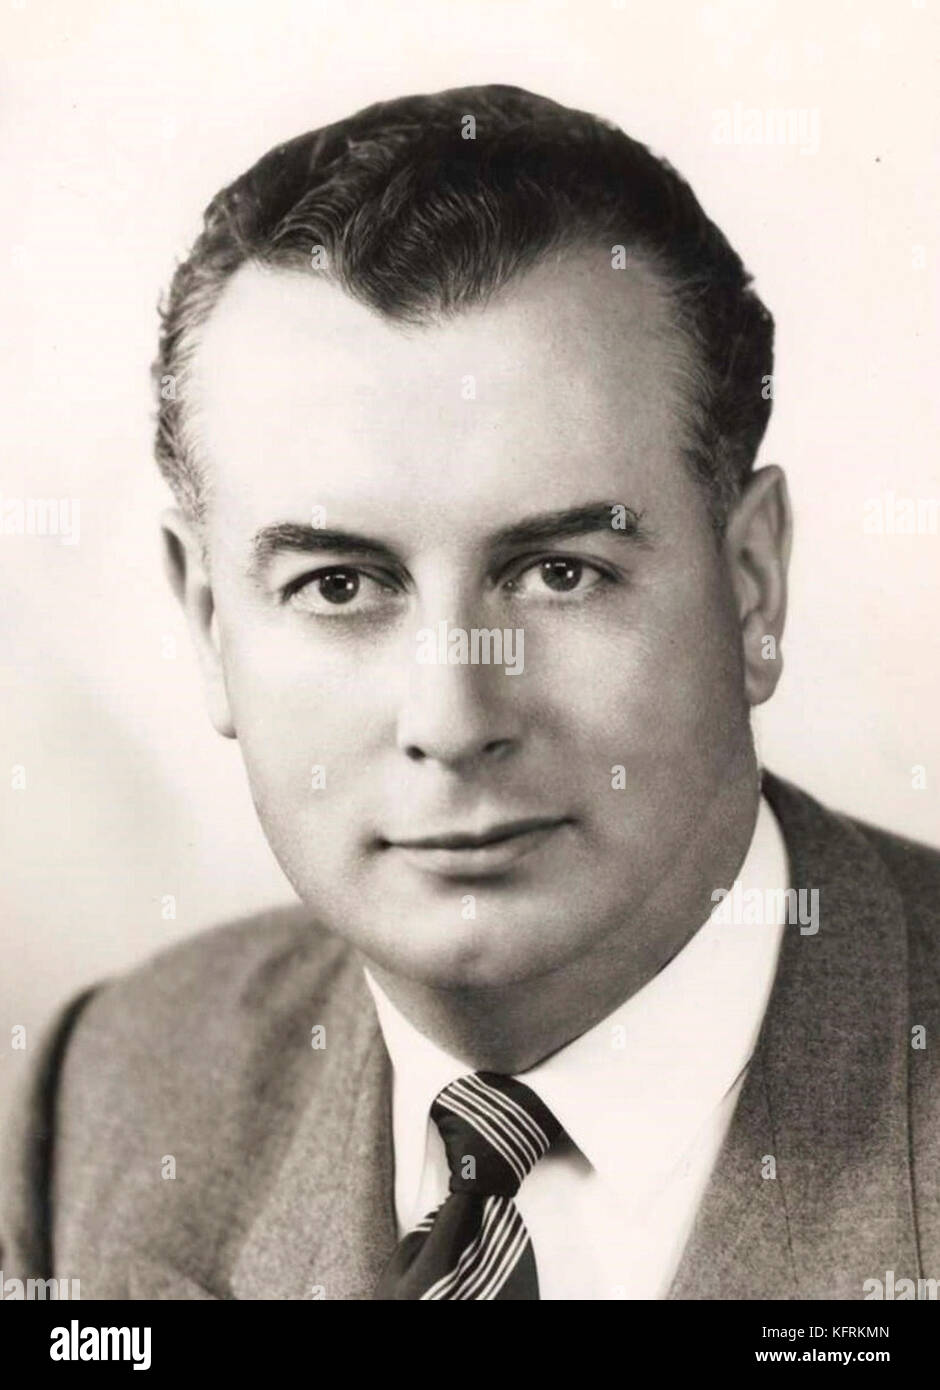 Edward Gough Whitlam, 21st Prime Minister of Australia - Stock Image